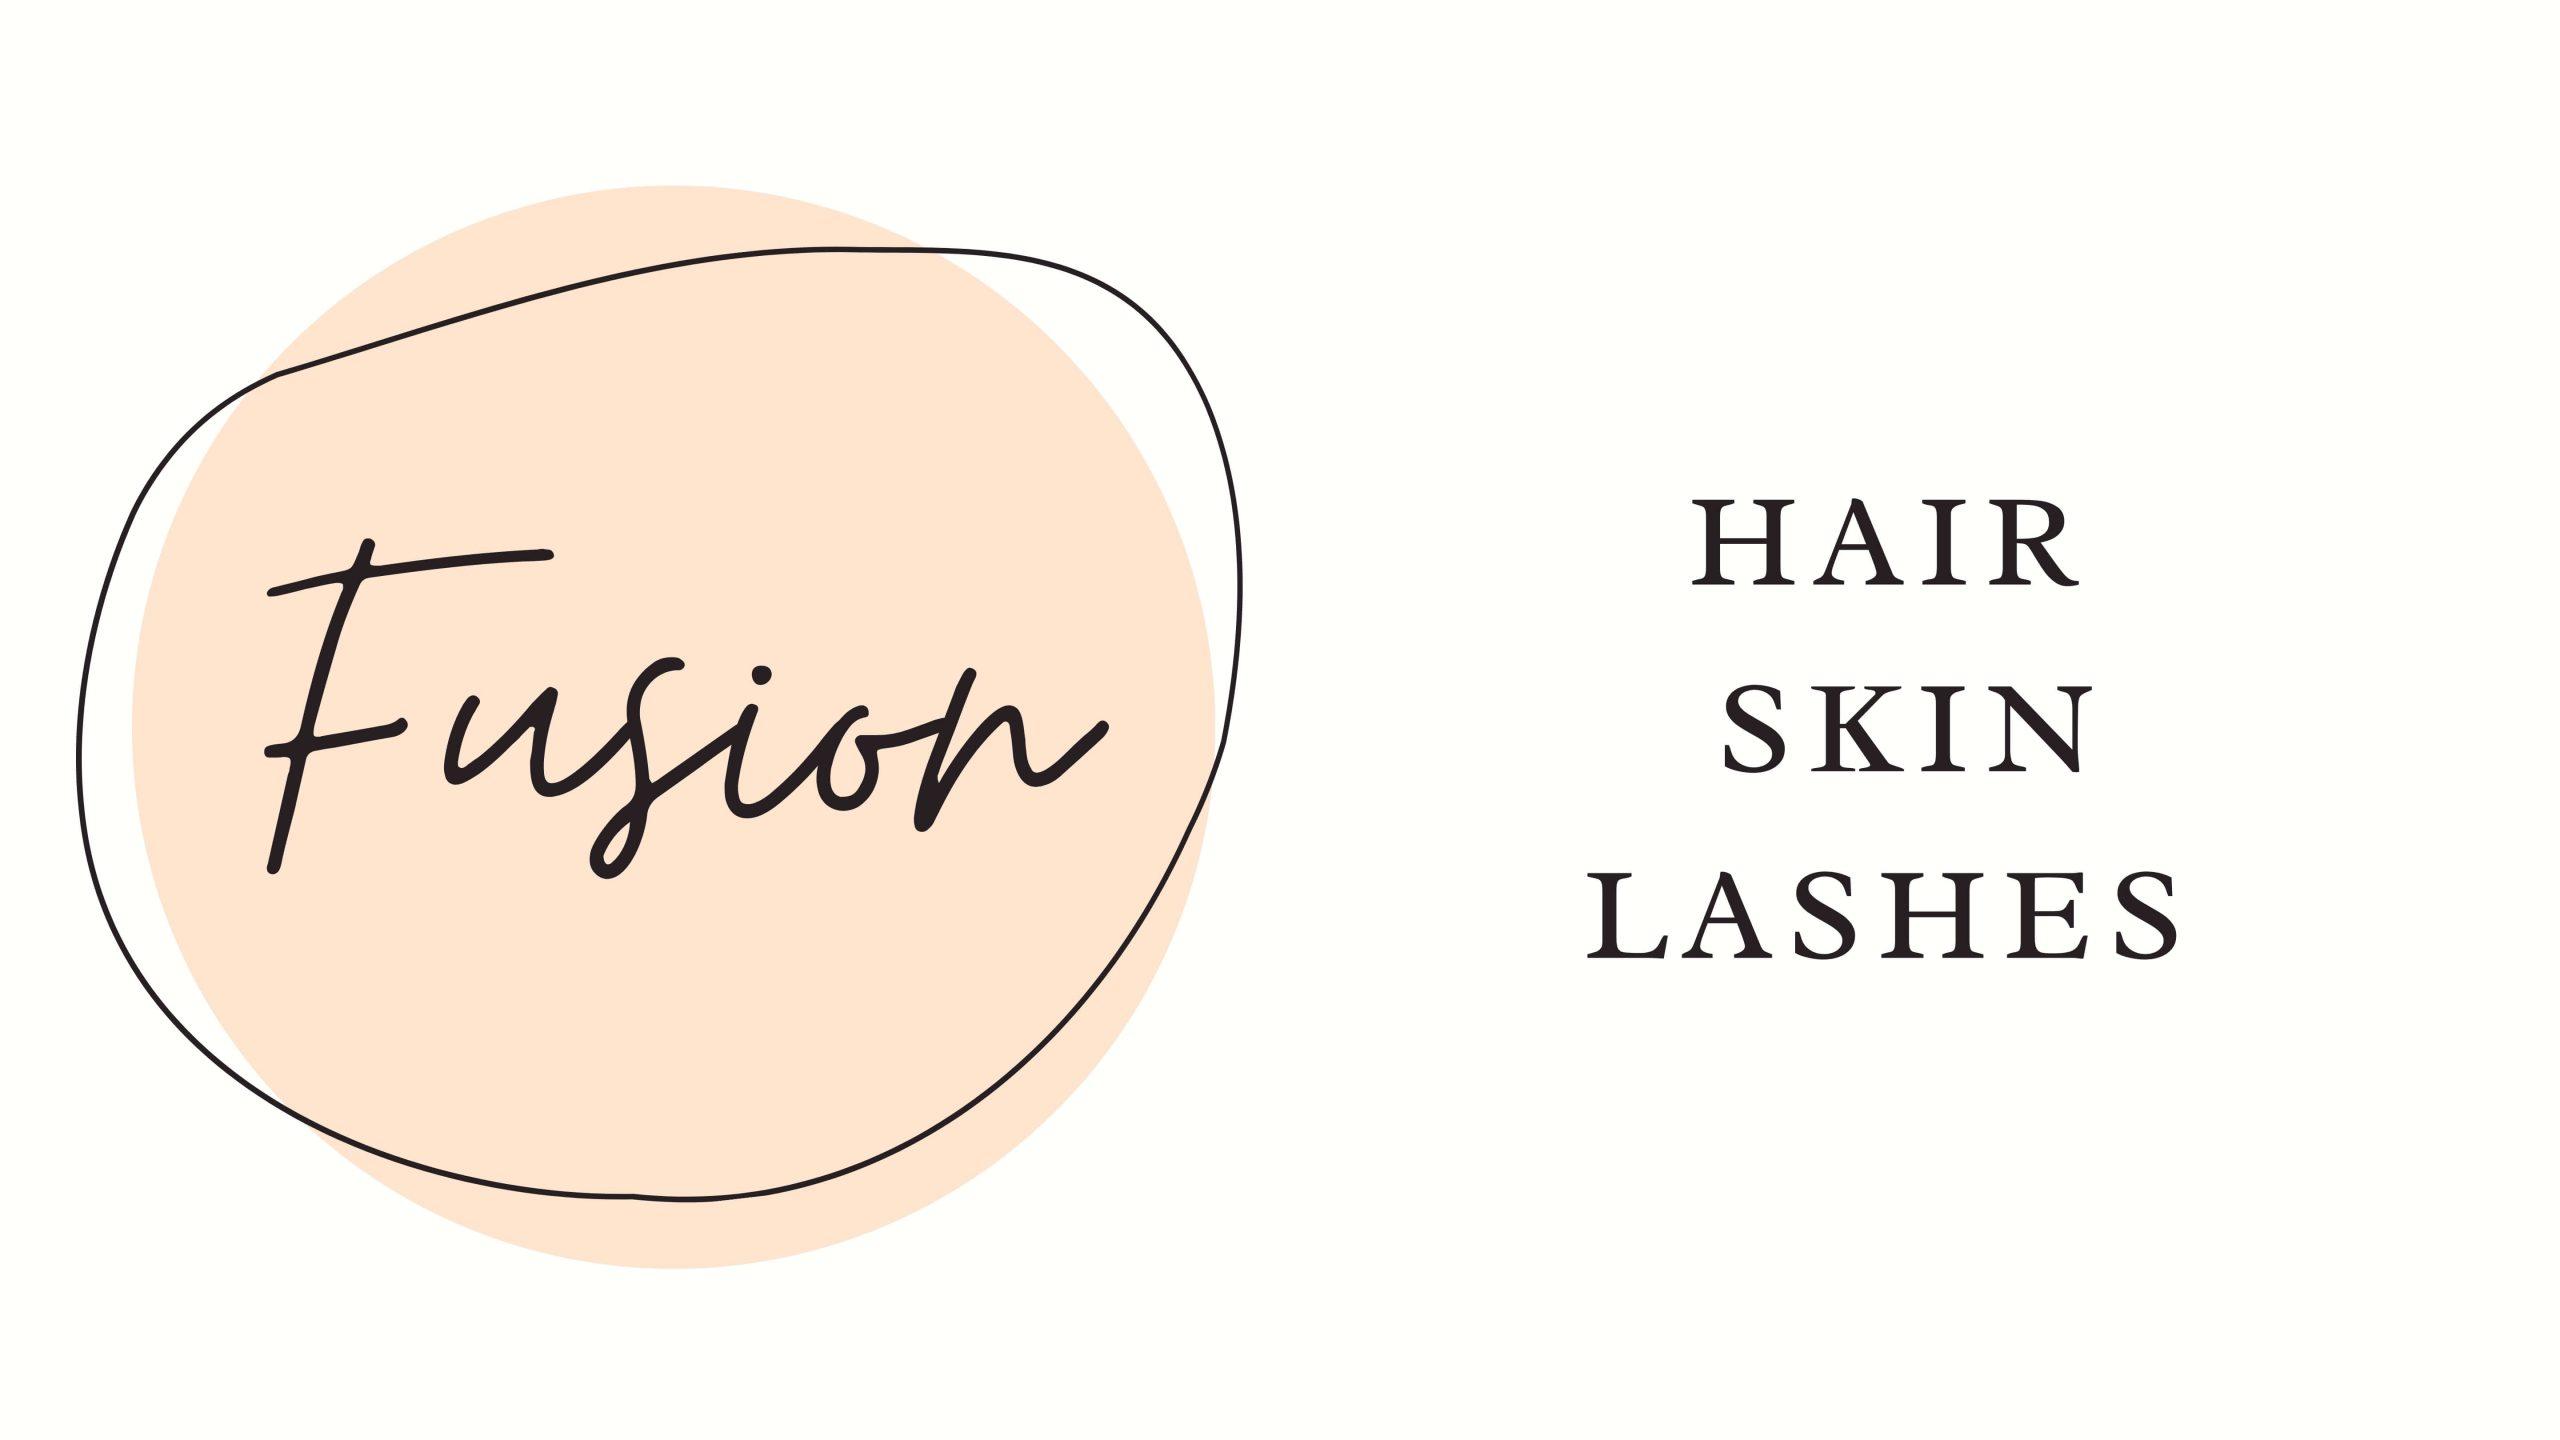 Fusion Hair LLC